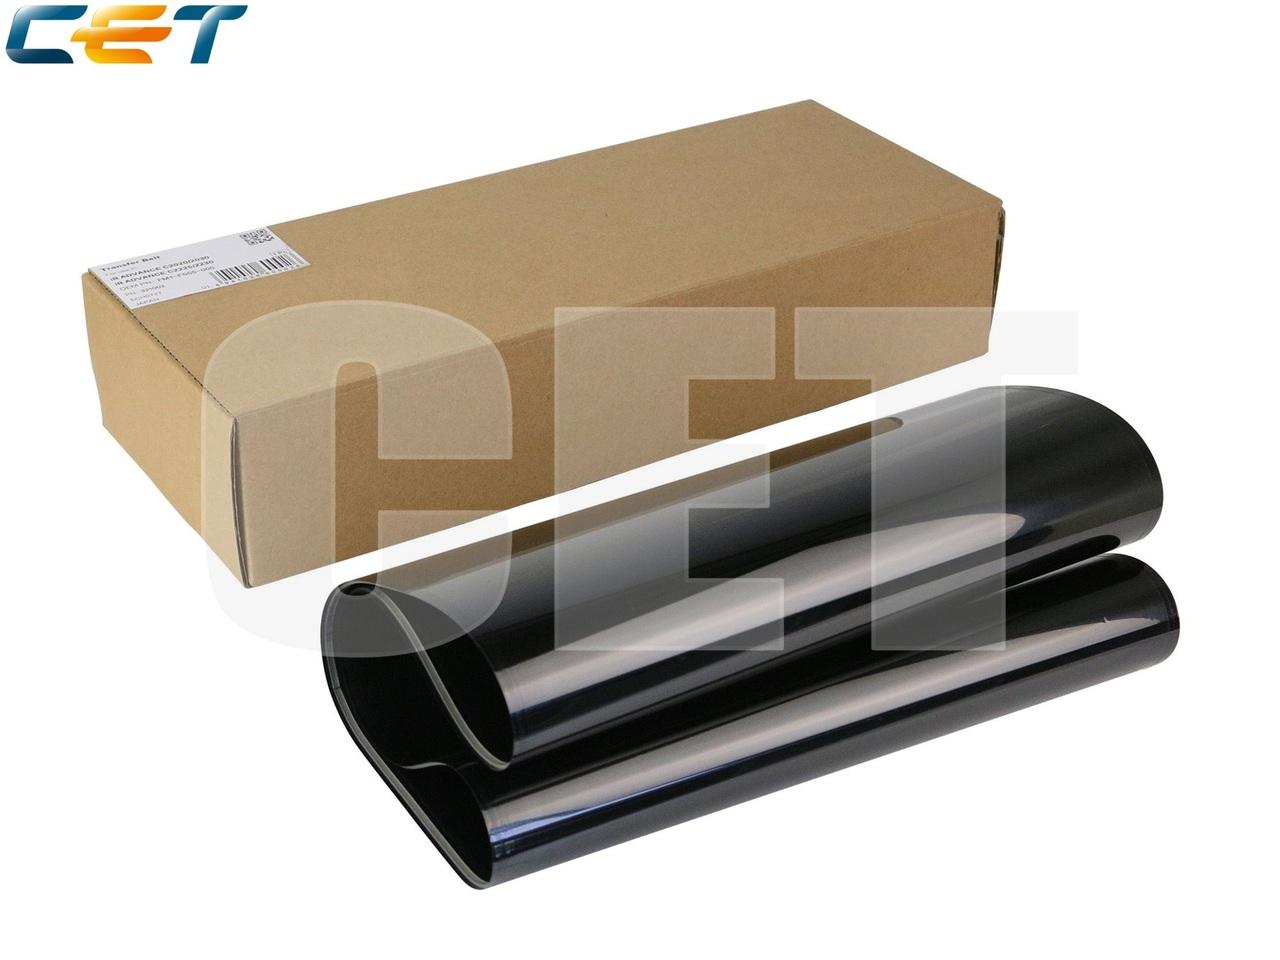 Лента переноса (Япония) для CANON iR ADVANCEC2020/C2025/C2030 (CET), CET321002